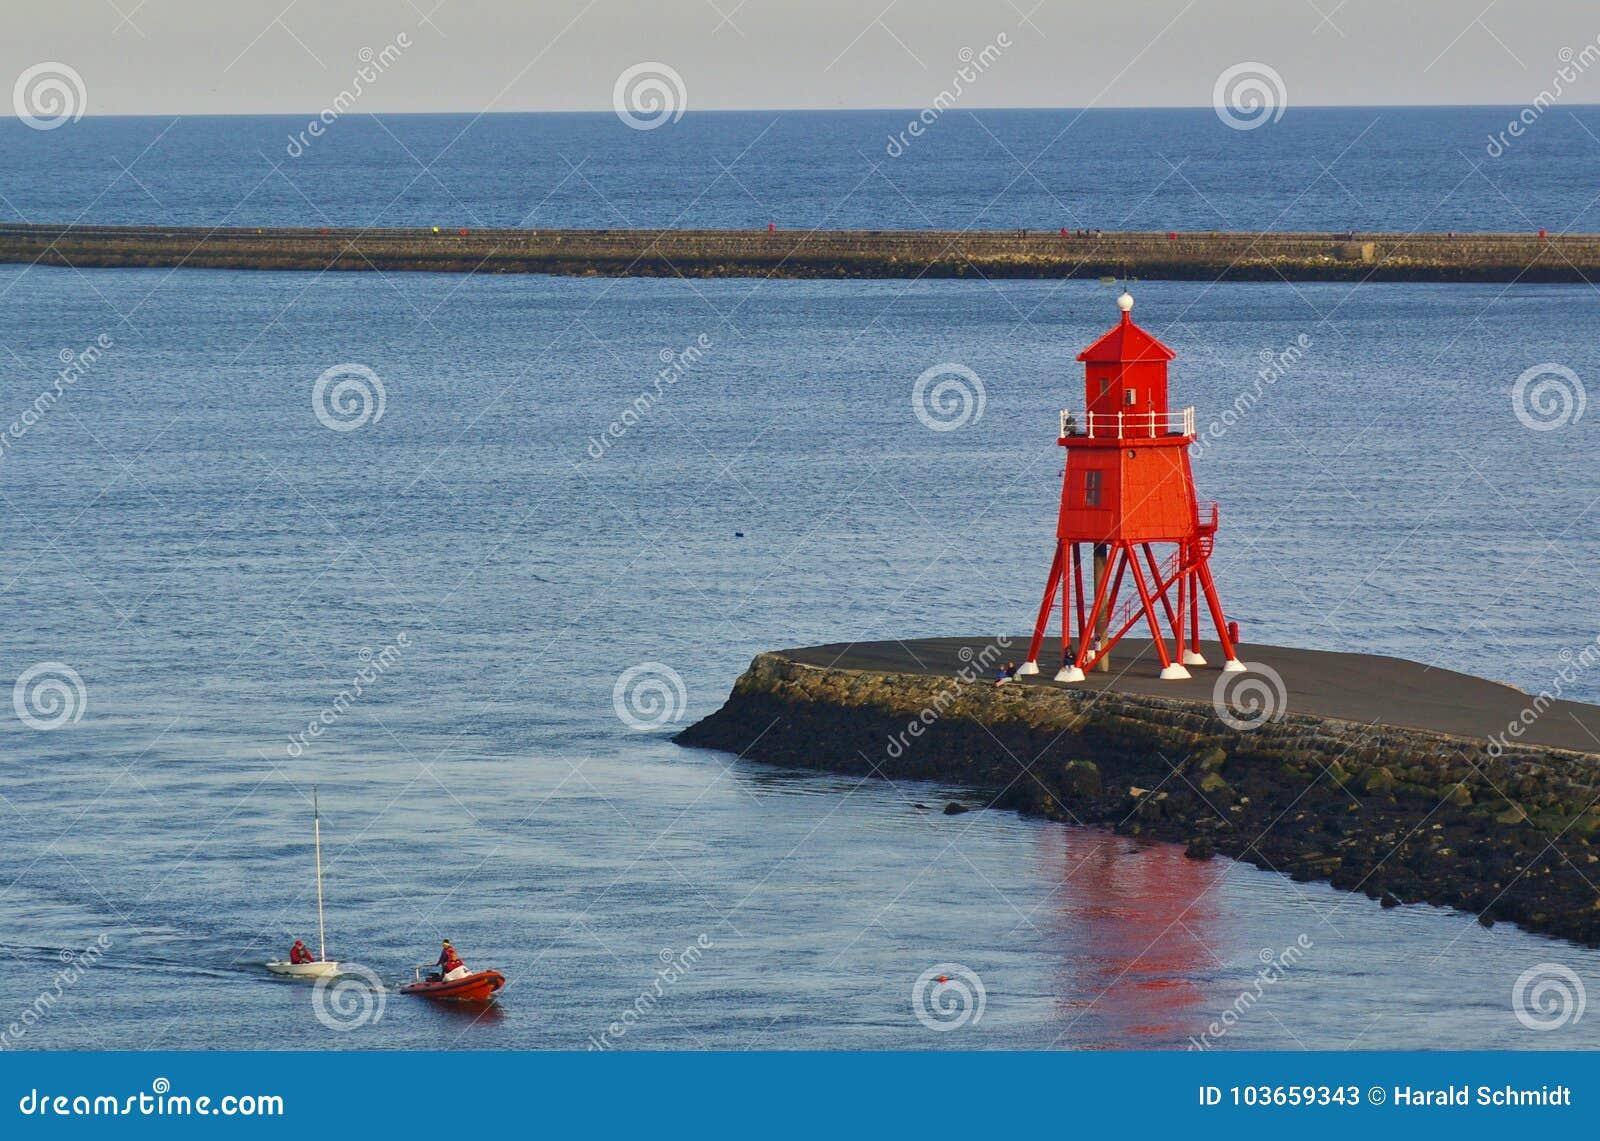 Newcastle, Royaume-Uni - 5 octobre 2014 - canot accalminé de navigation dans la bouche de la rivière Tyne est remorqué à terre pa